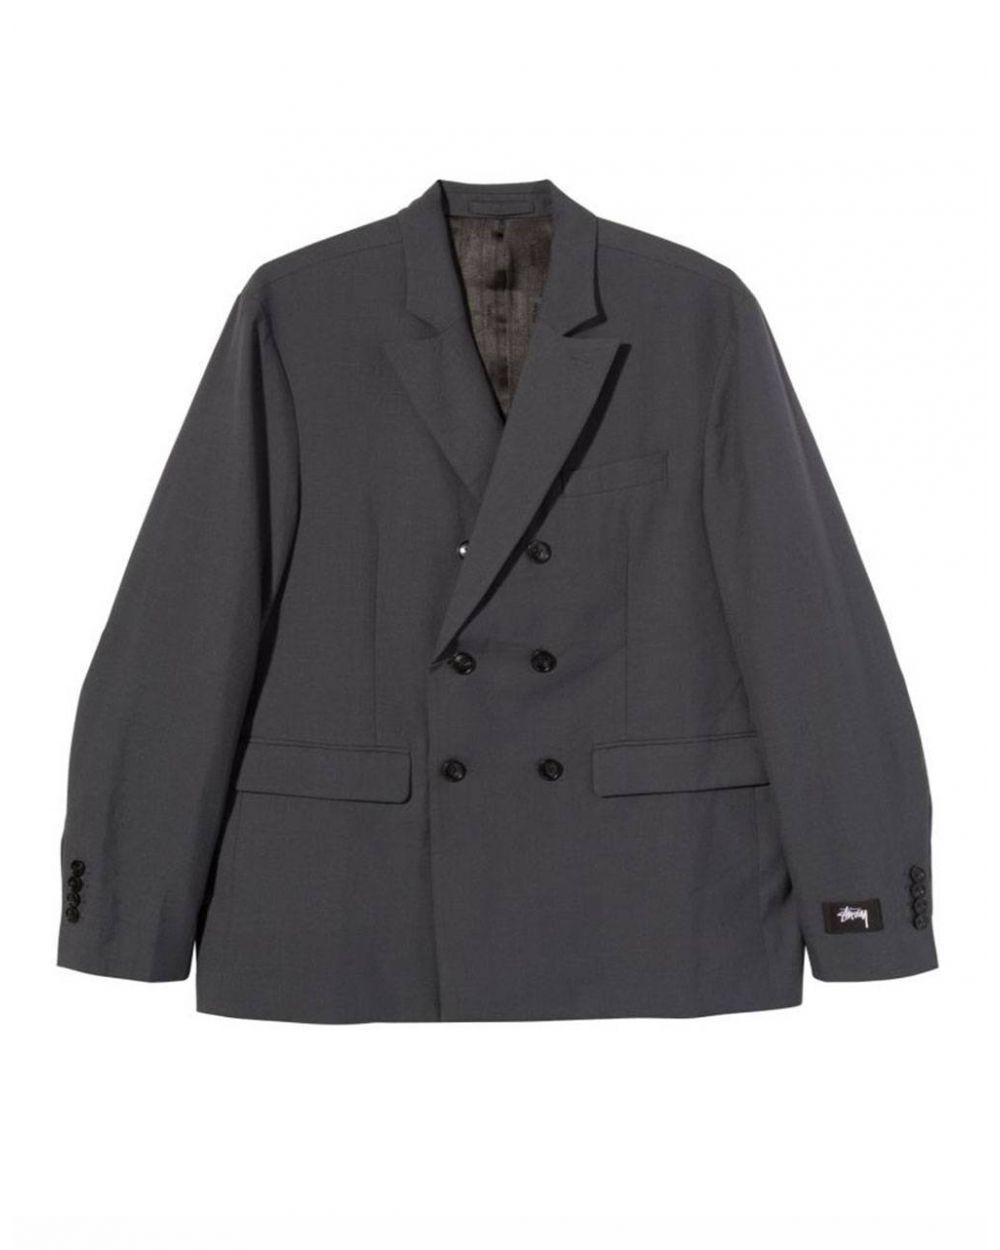 Stussy Double breasted blazer jacket - grey Stussy Jacket 209,02€